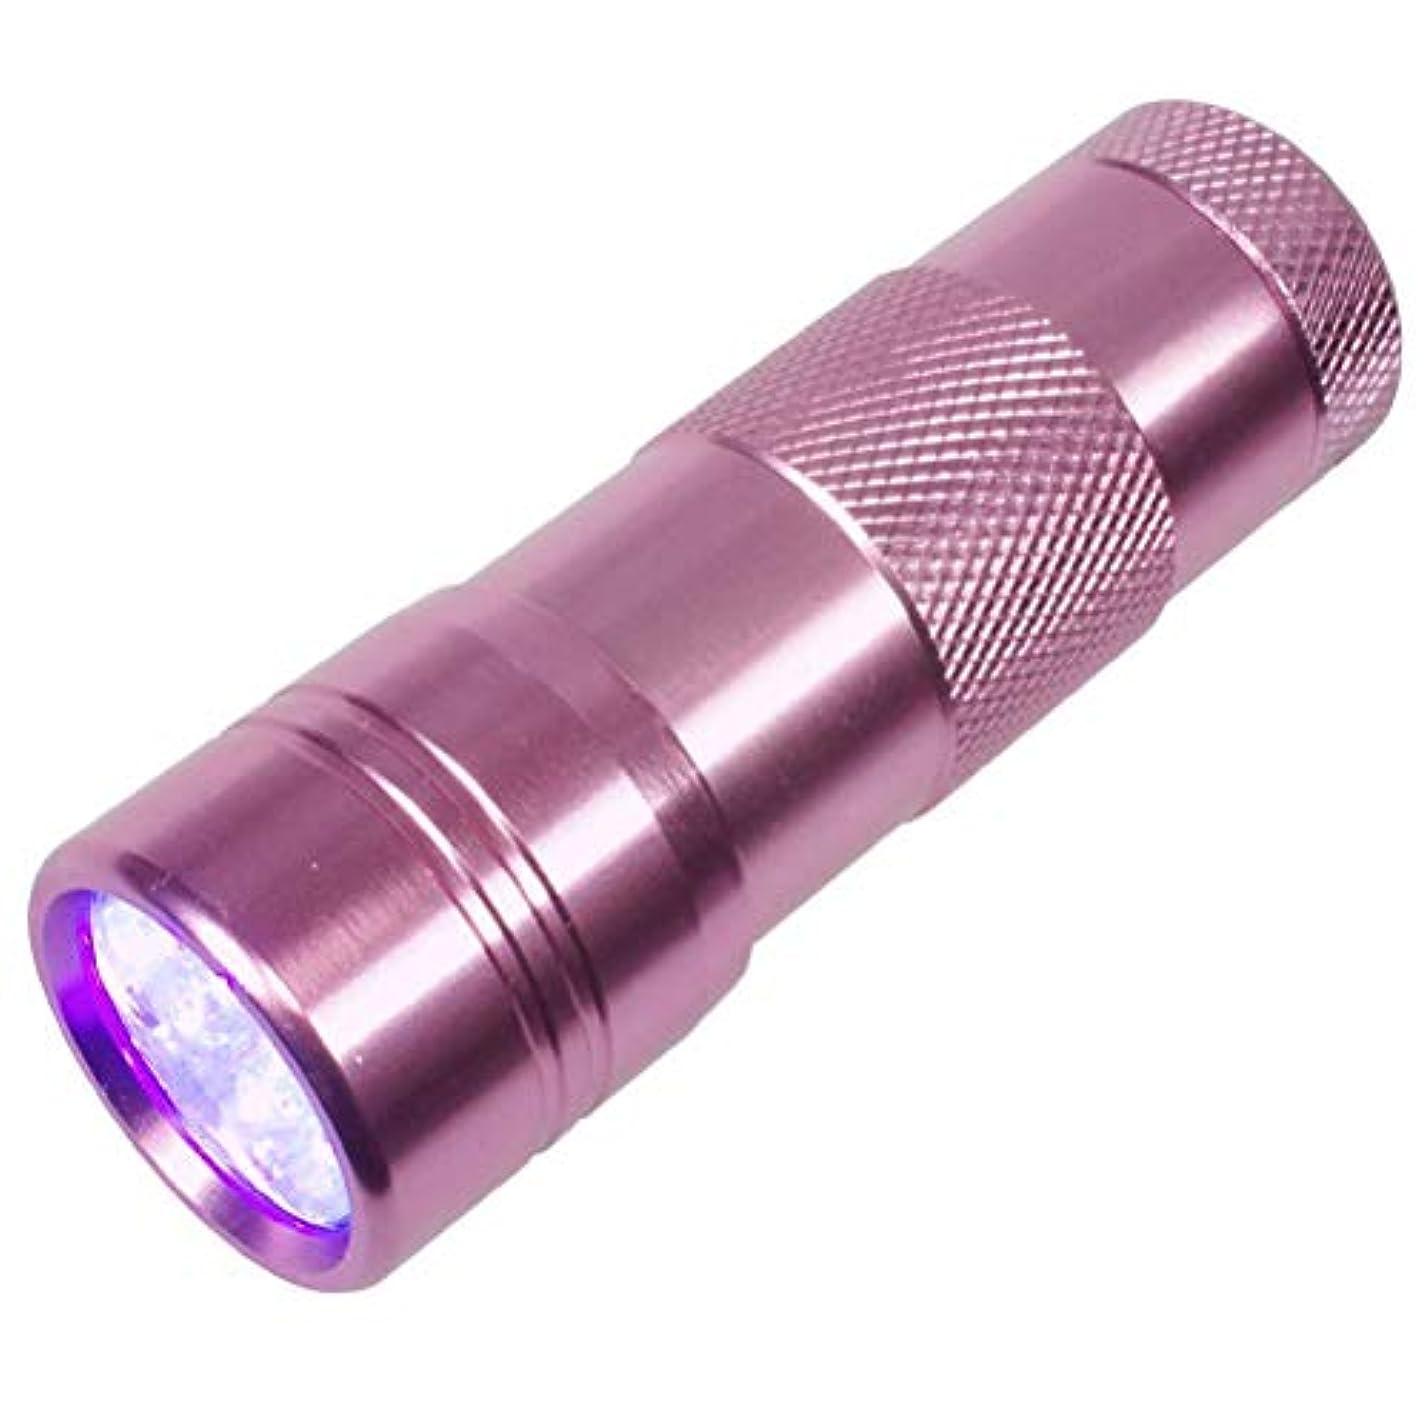 ペダル維持予防接種ジェルネイル用UVライト ペン型LEDライト ミニサイズ 携帯用ハンディライト